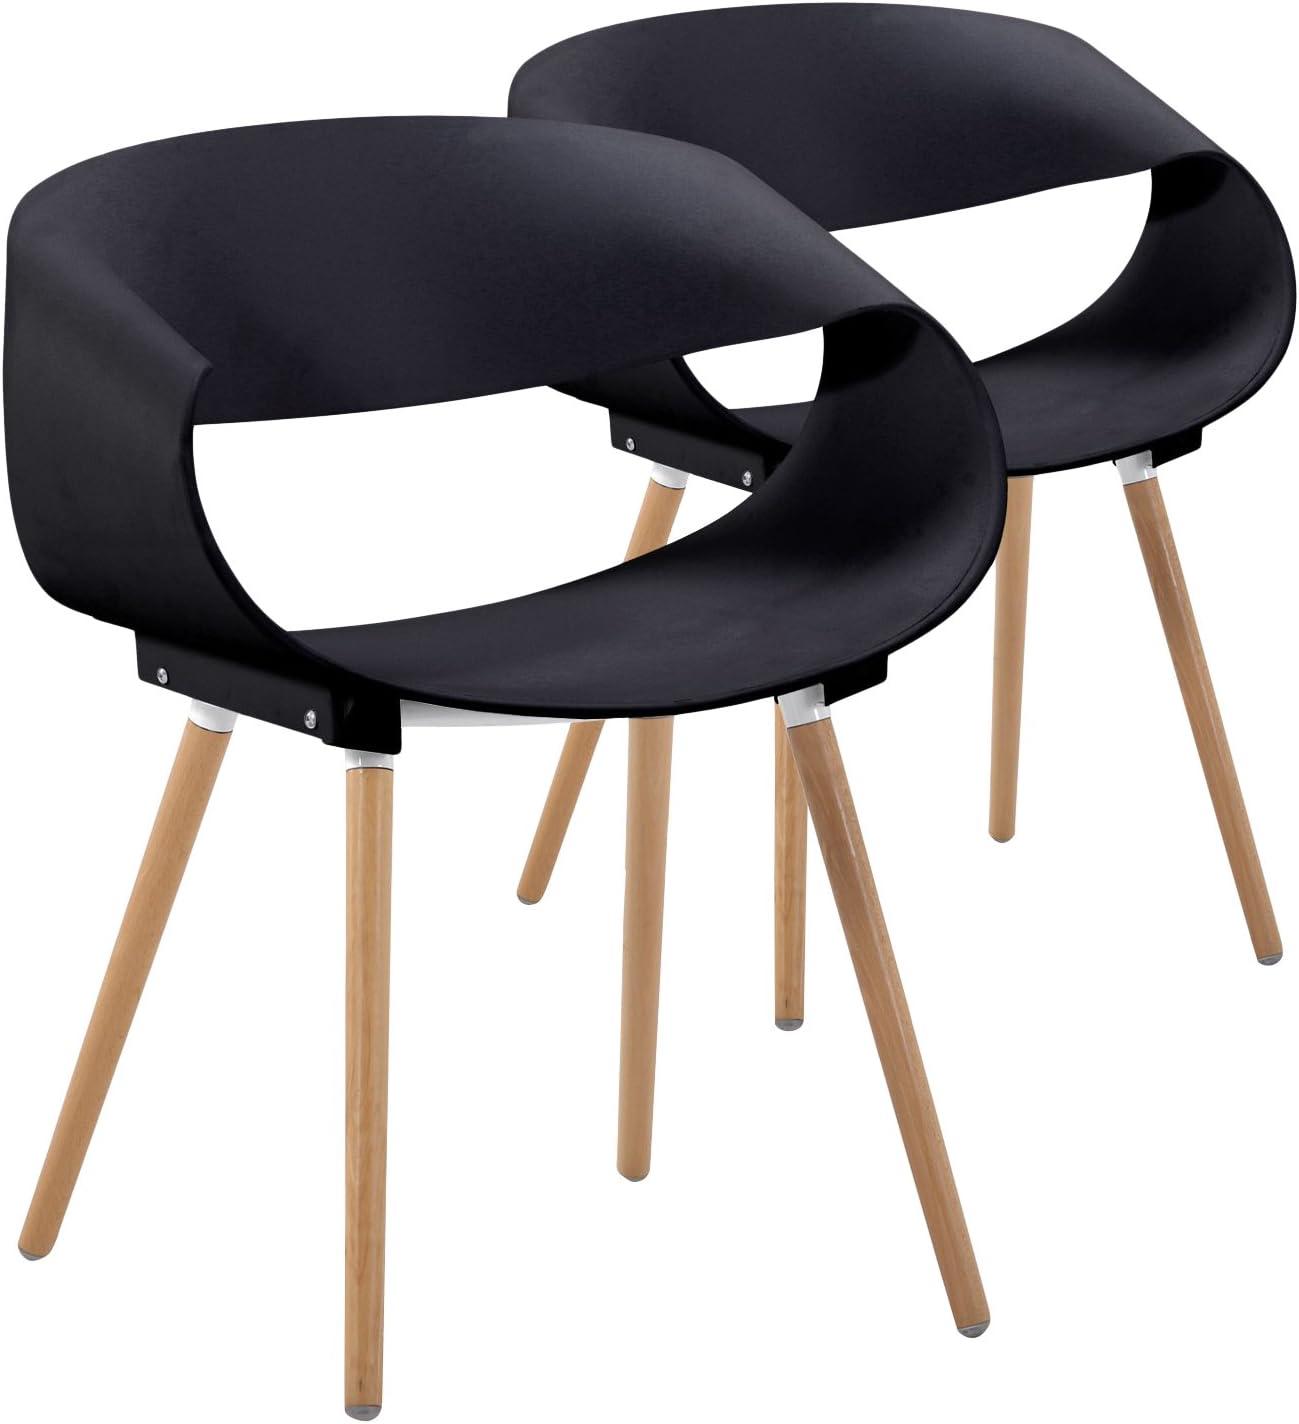 Menzzo Scandinaves – Juego de 2 sillas diseño Zenata Polipropileno Negro 64 x 75,5 x 49 cm: Amazon.es: Hogar